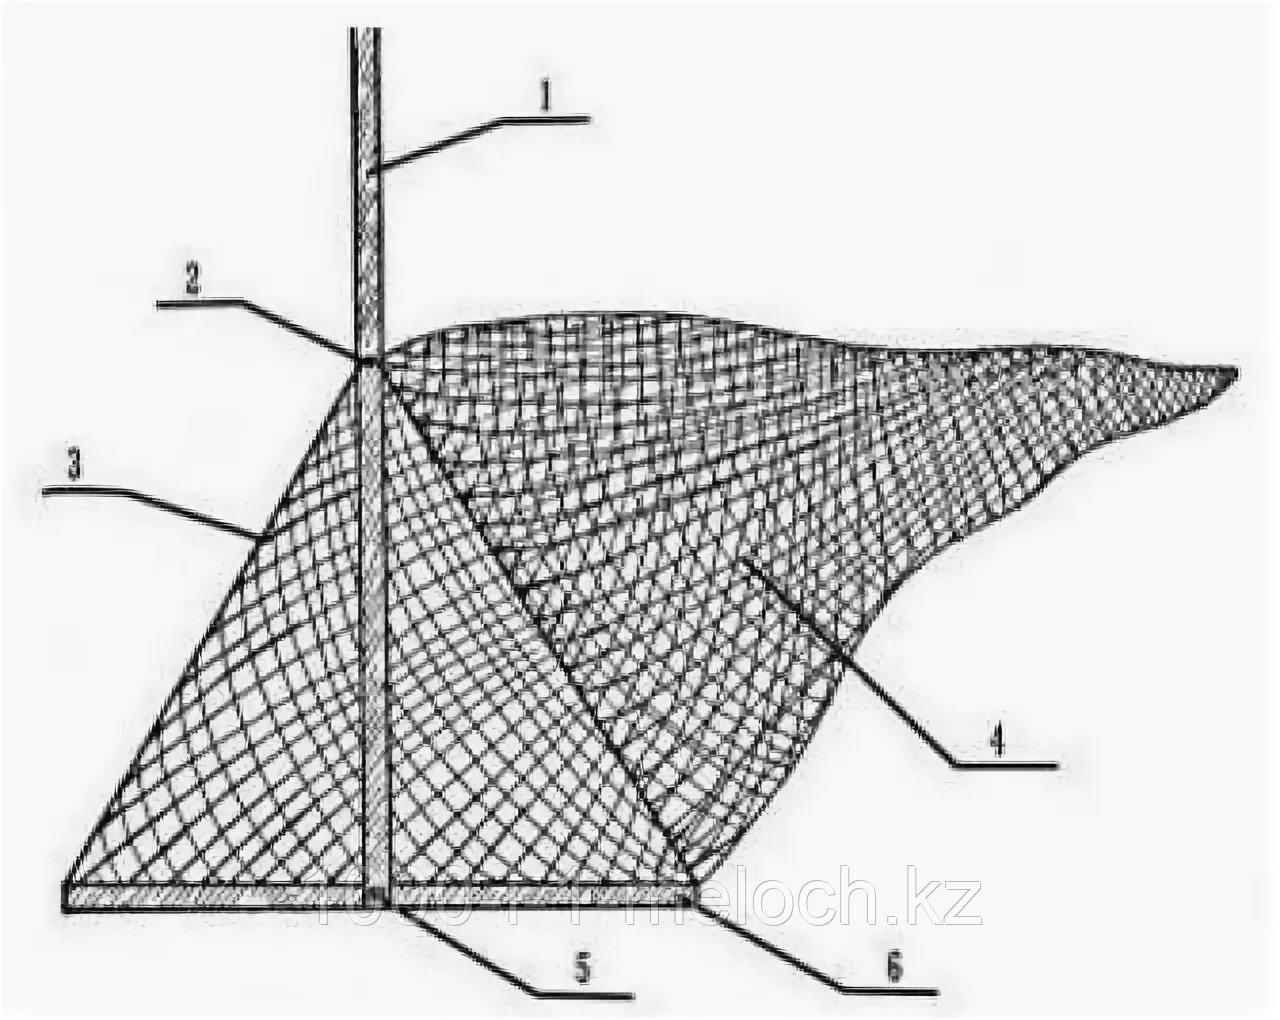 Сак рыболовный длина 3м - фото 2